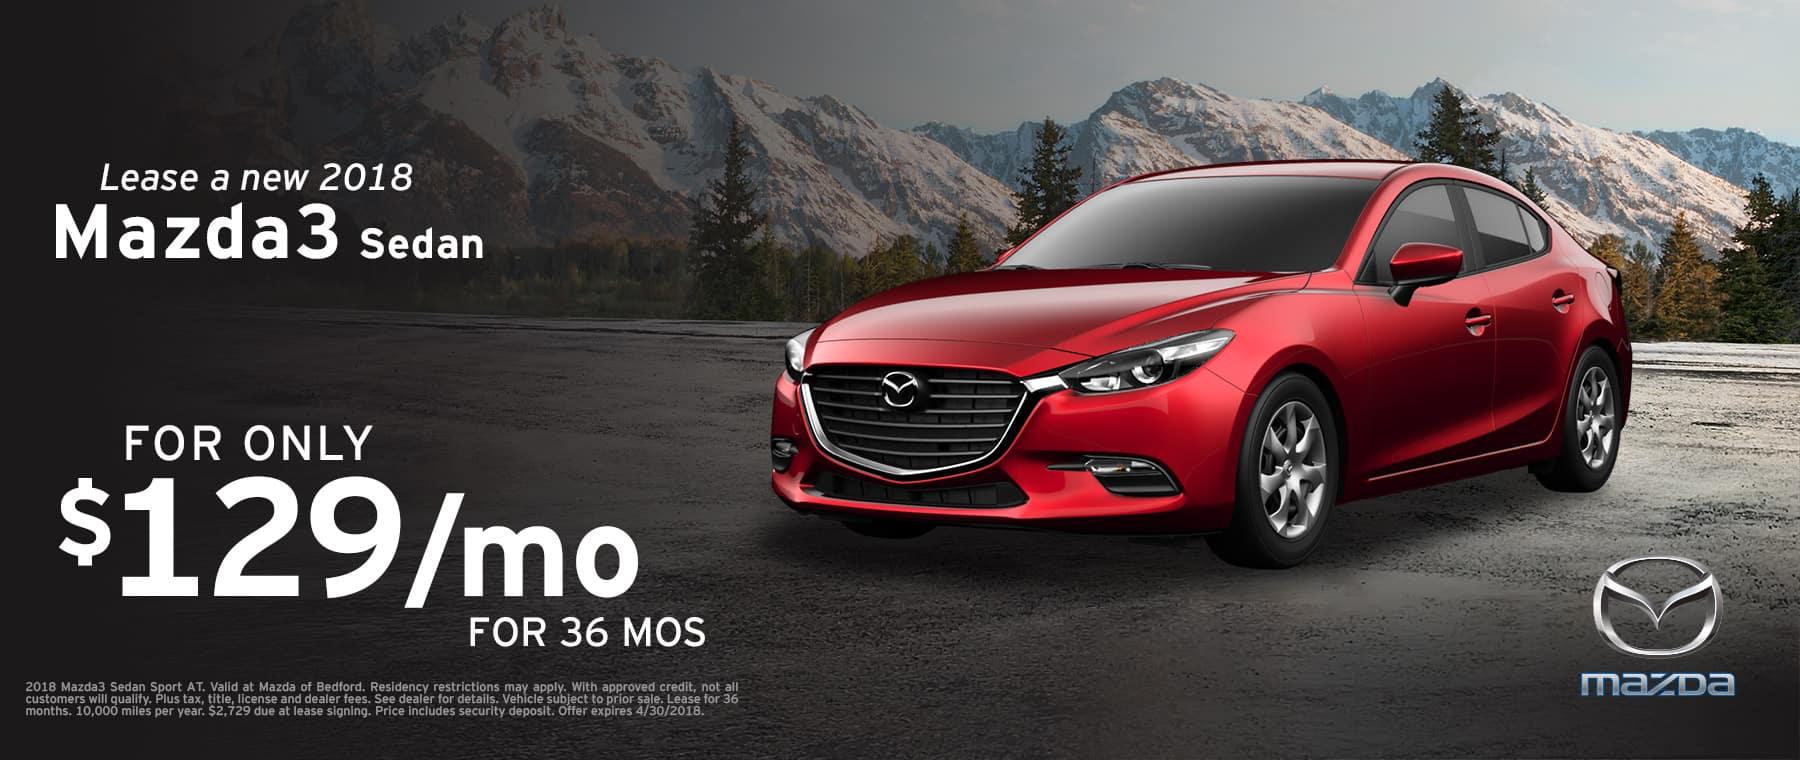 2018 Mazda3 Sedan April